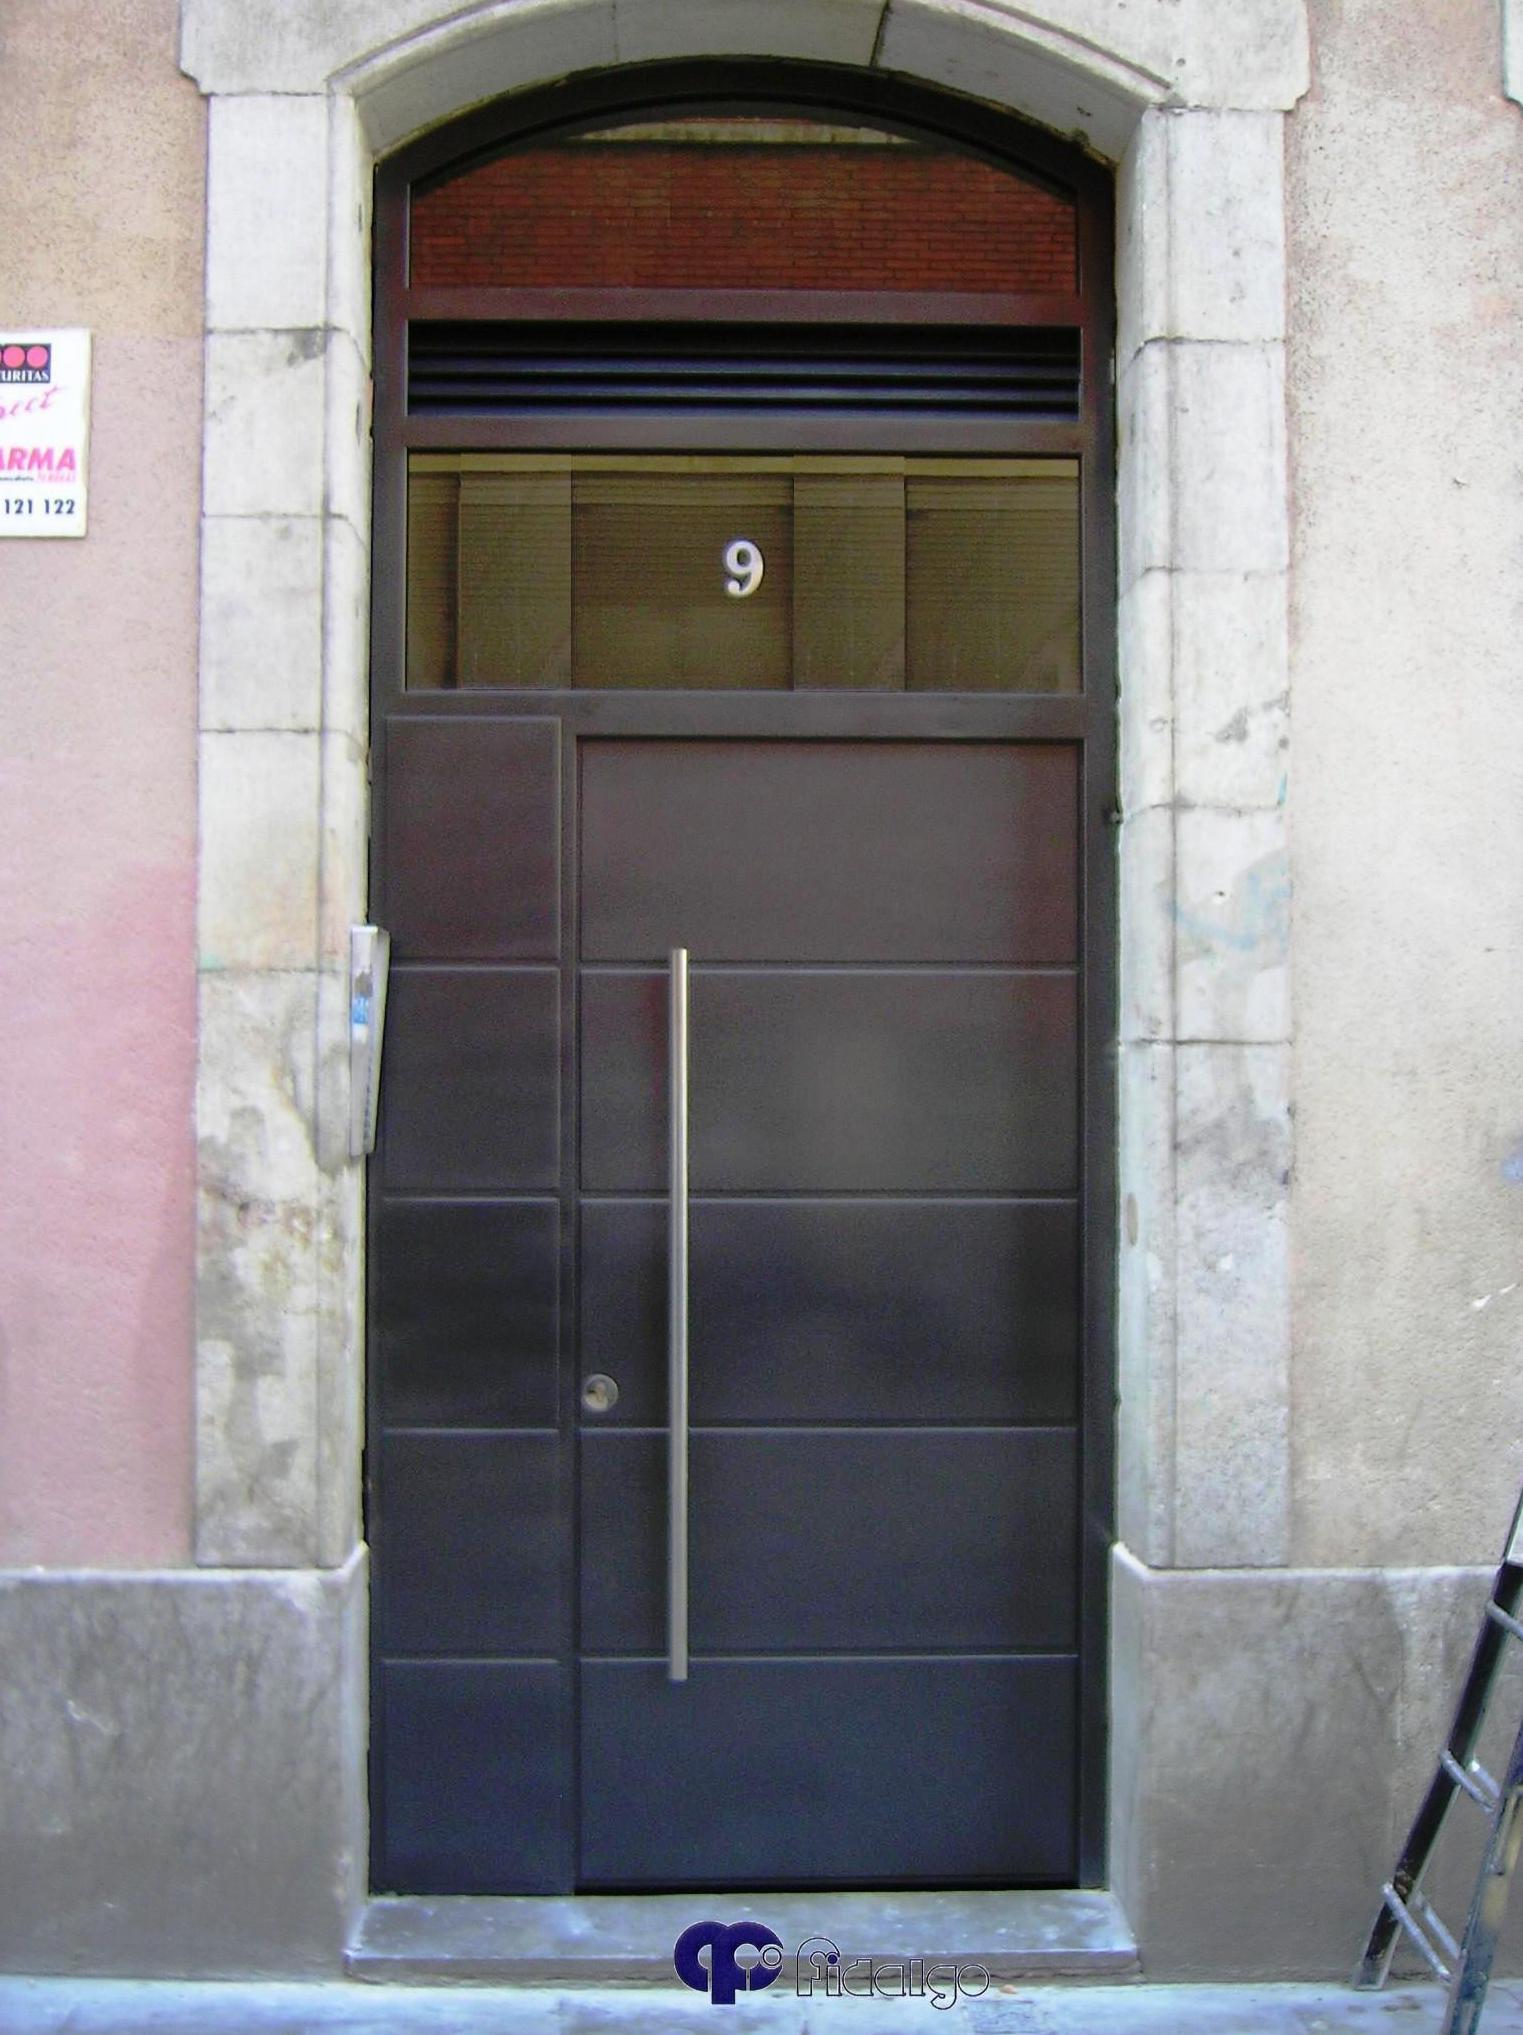 Puerta plafonada productos y servicios de forjafid - Puertas de servicio ...